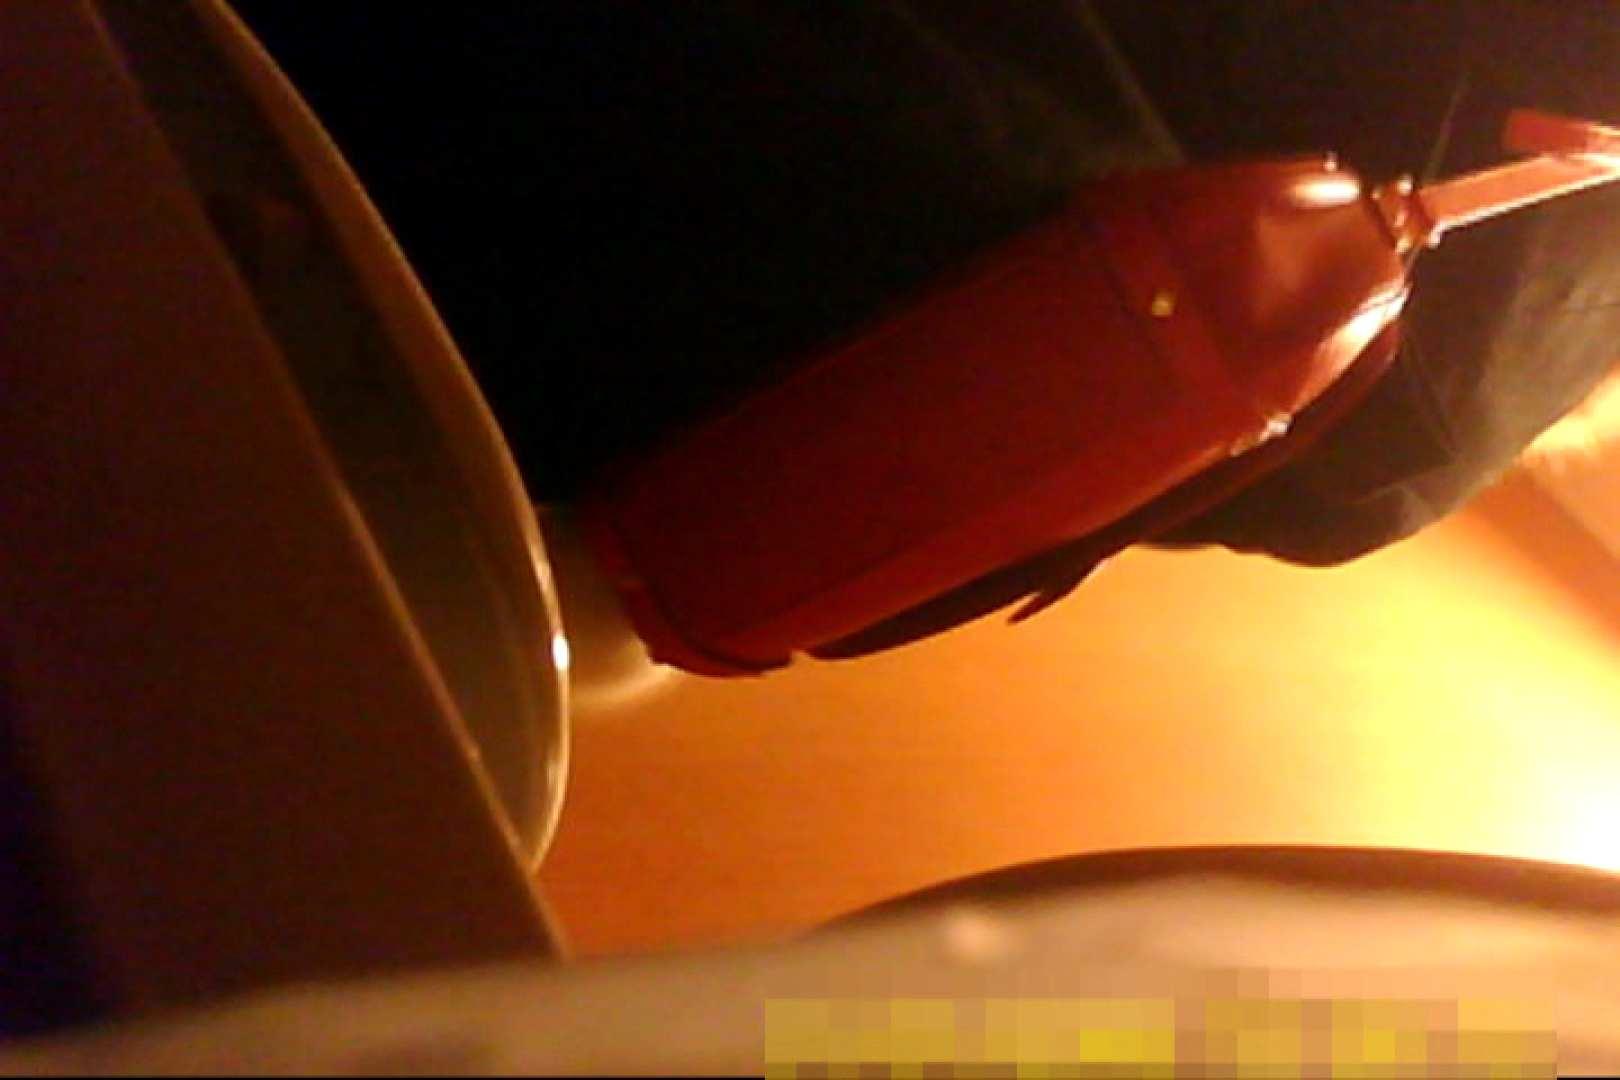 魅惑の化粧室~禁断のプライベート空間~vol.7 プライベート  79pic 30